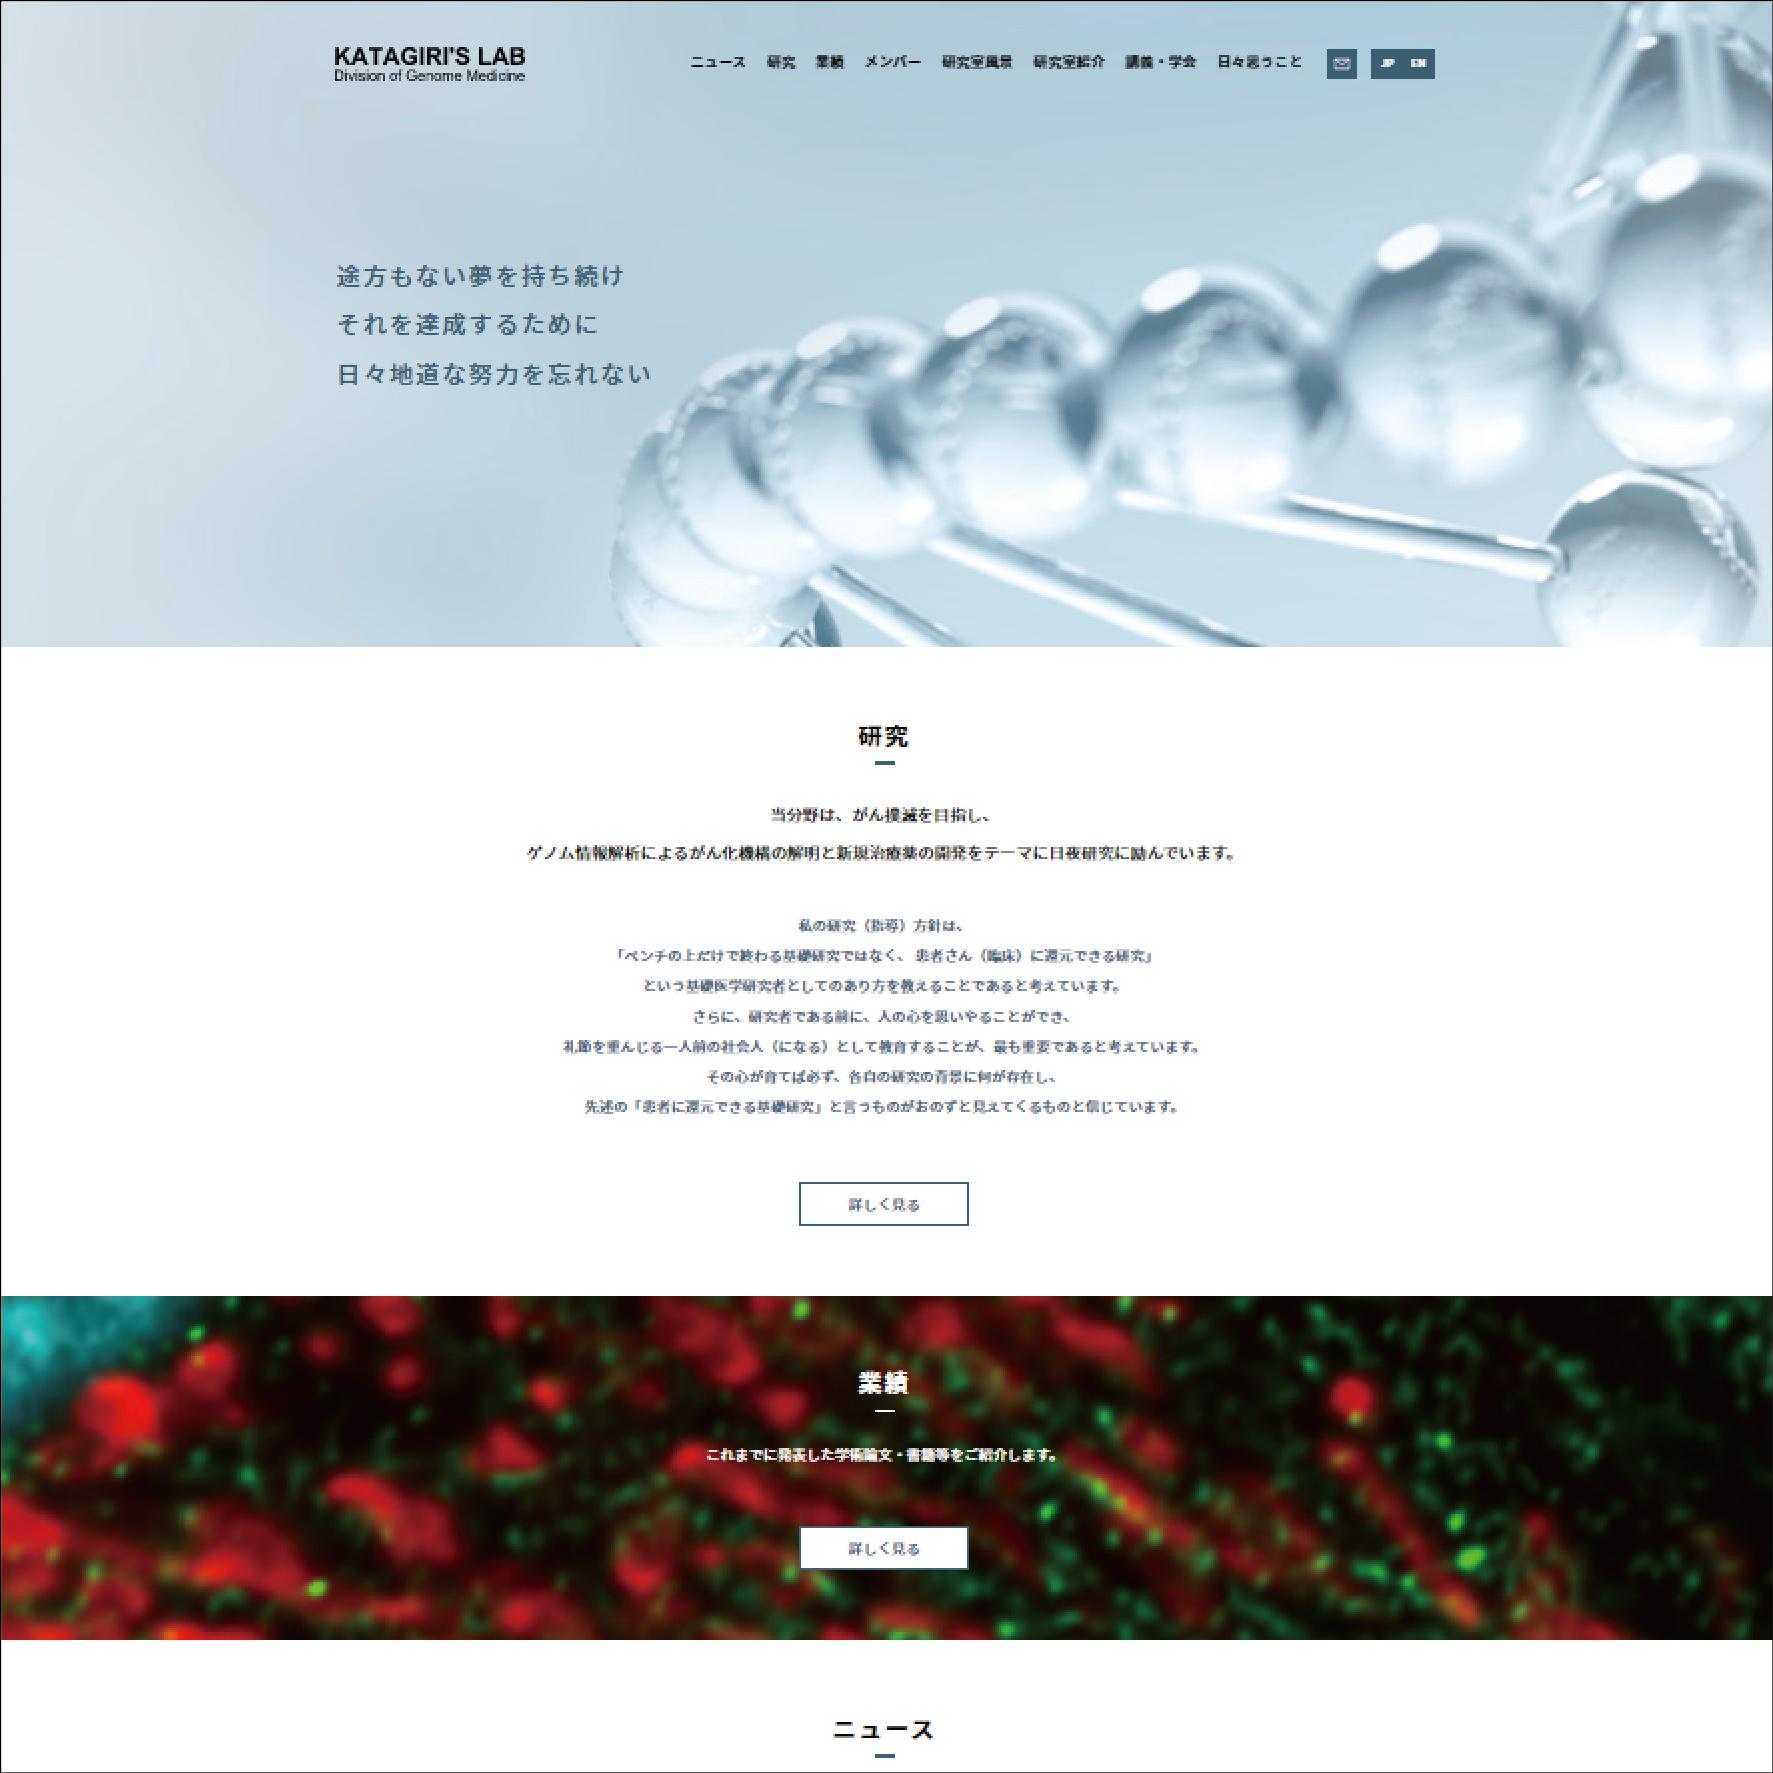 徳島大学 先端酵素学研究所 ゲノム制御学分野様 WEBサイトリニューアル